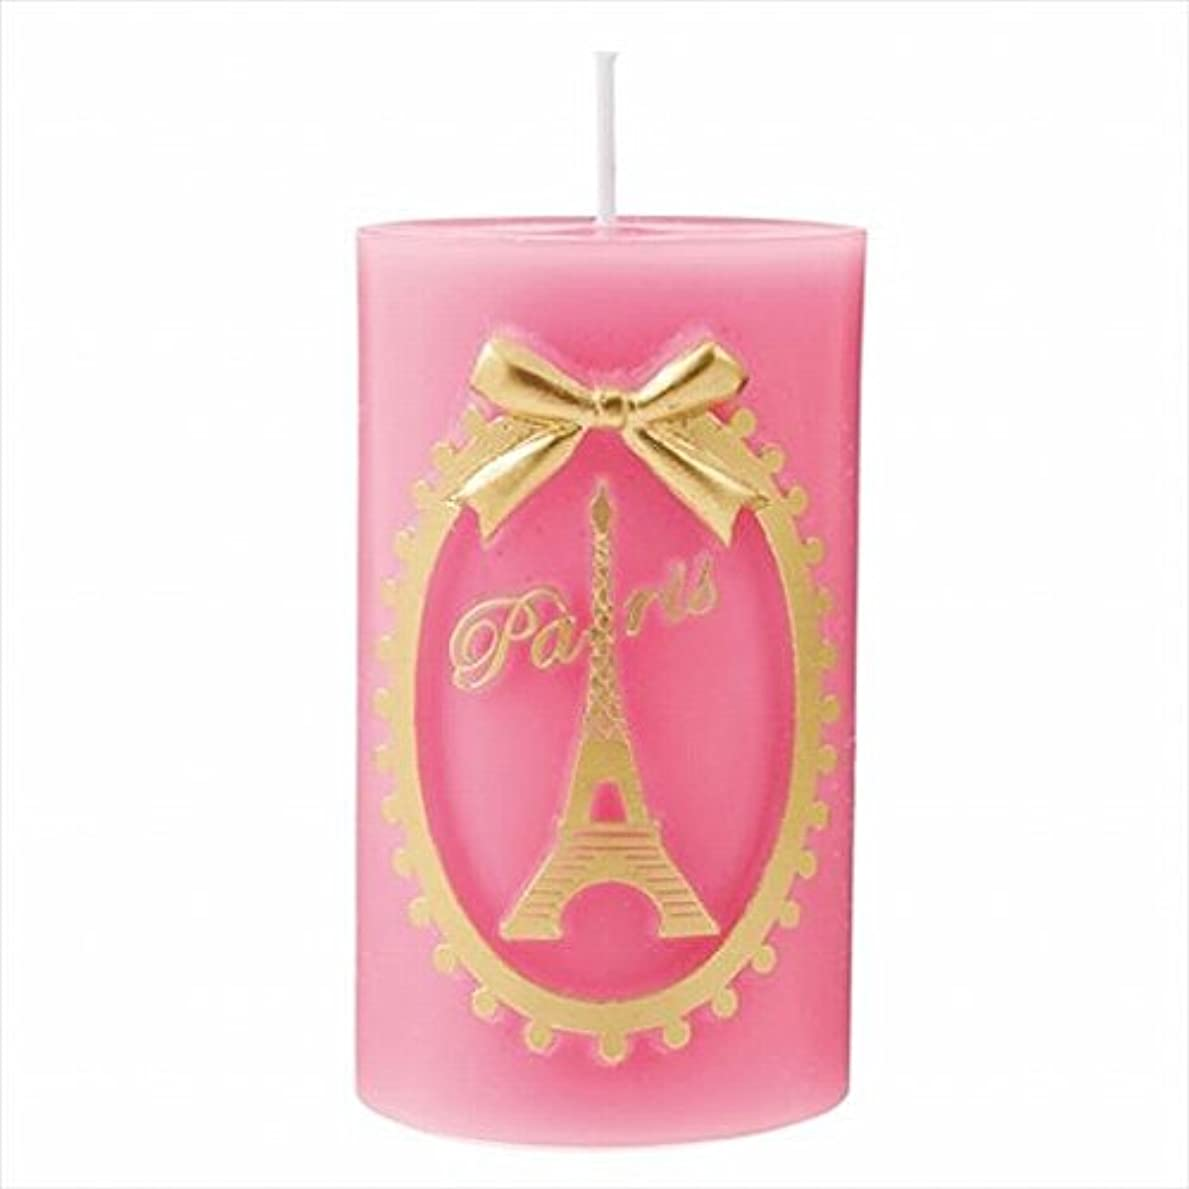 違反ビジュアル飛び込むカメヤマキャンドル( kameyama candle ) エッフェル塔ピラー 「 ピンク 」